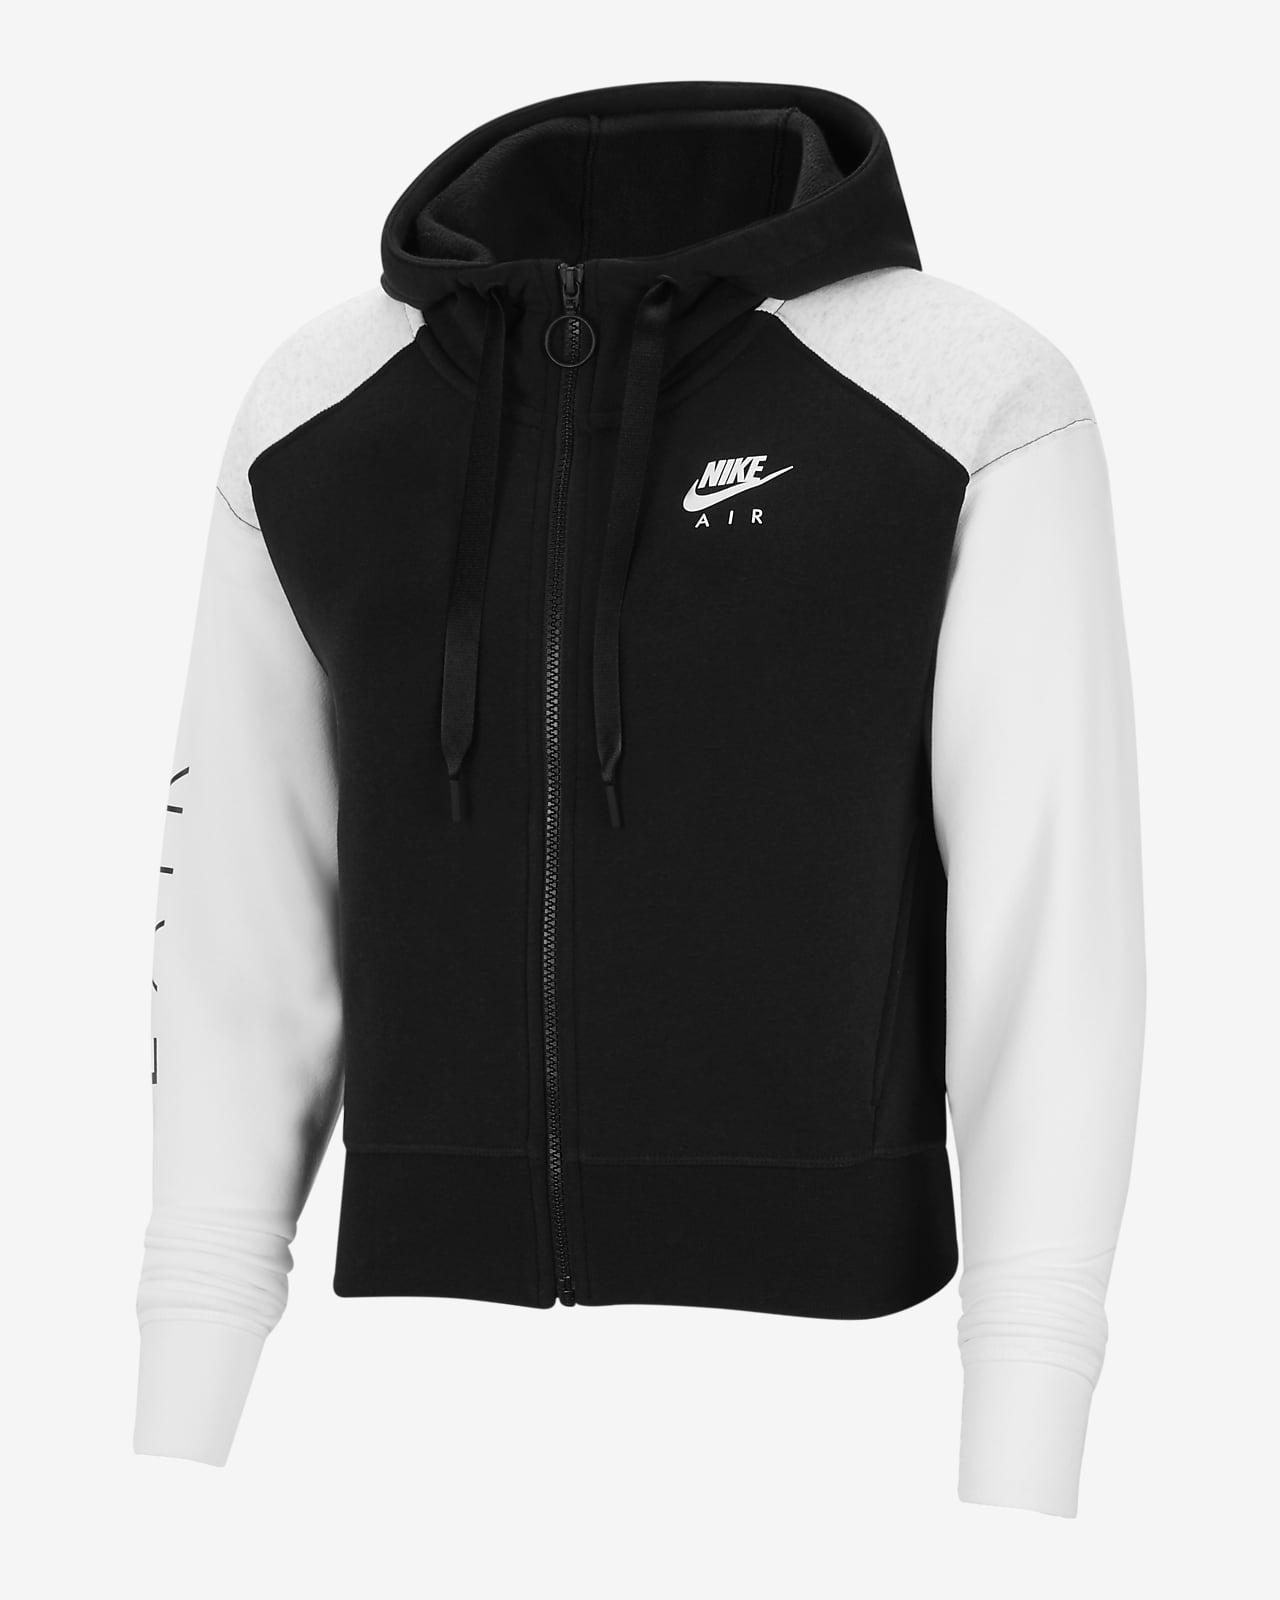 Nike Air Women's Full-Zip Hoodie